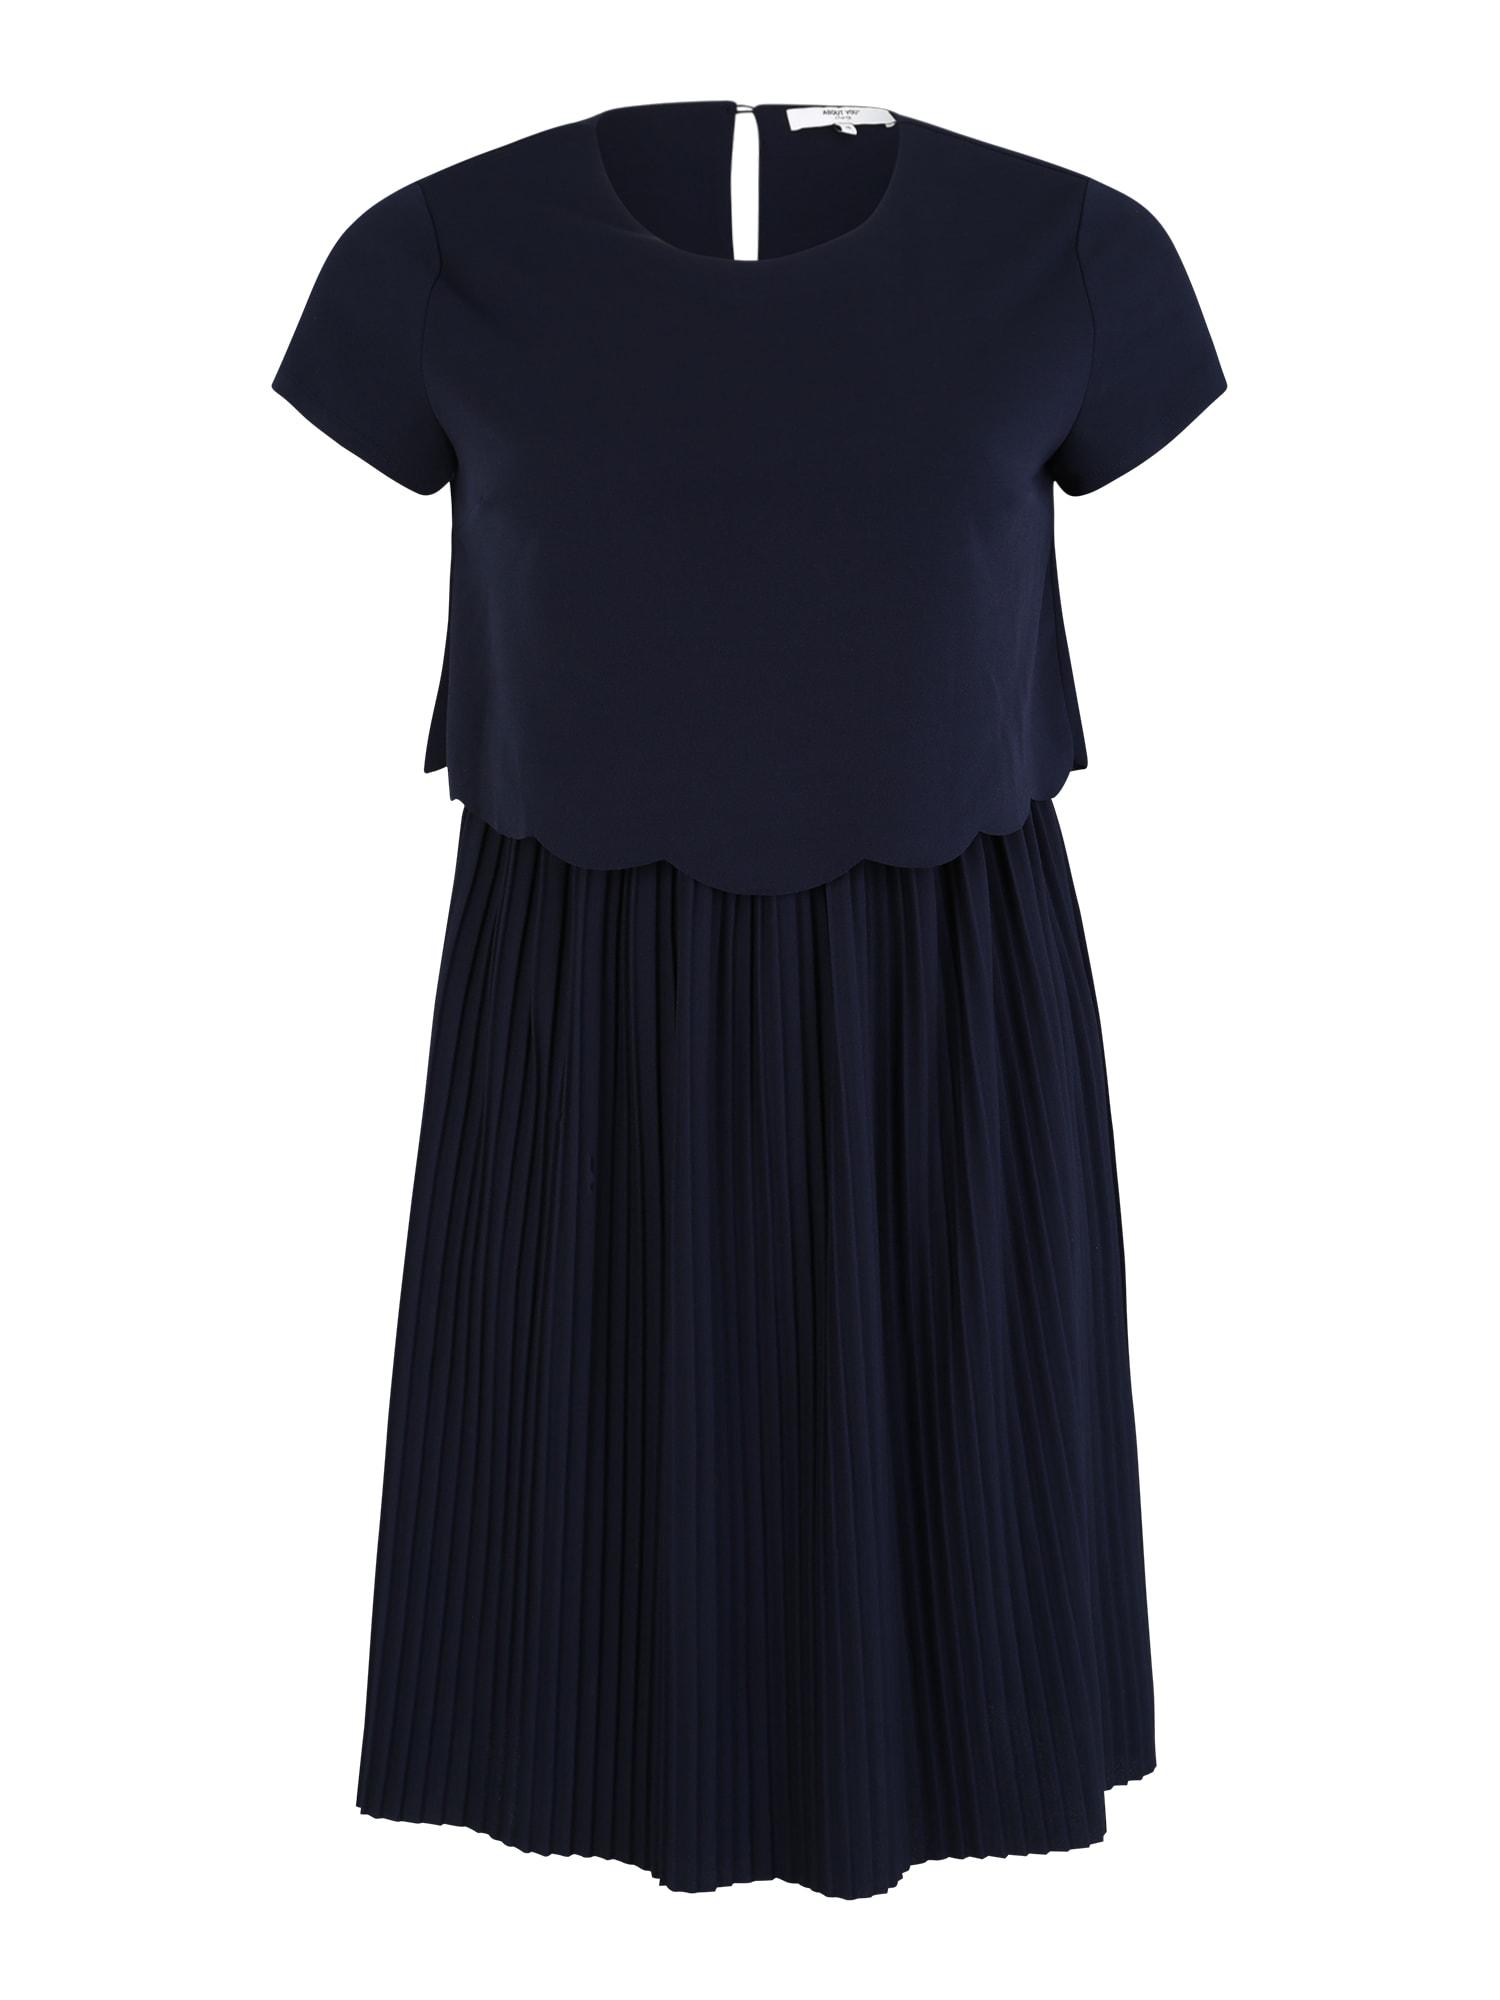 Koktejlové šaty Dinah námořnická modř ABOUT YOU Curvy